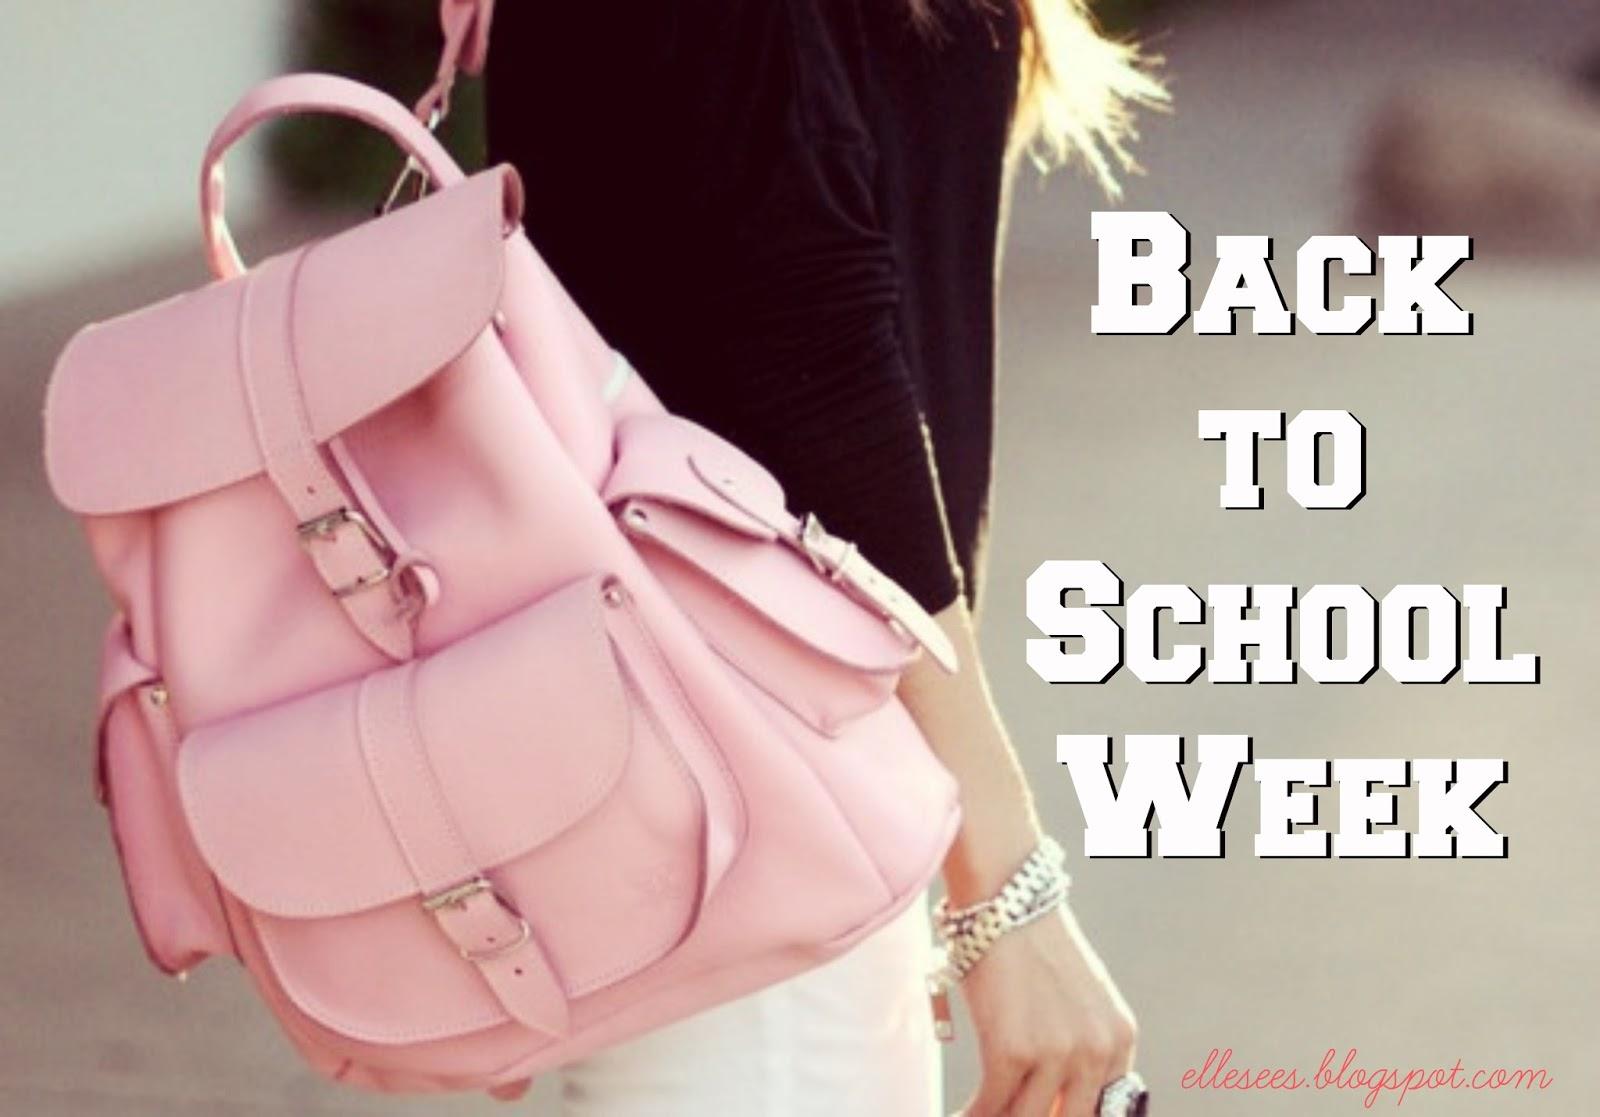 Раньше рюкзаки были предназначены только для походов и экскурсий.Такие сумки родители часто покупают деткам для школ...